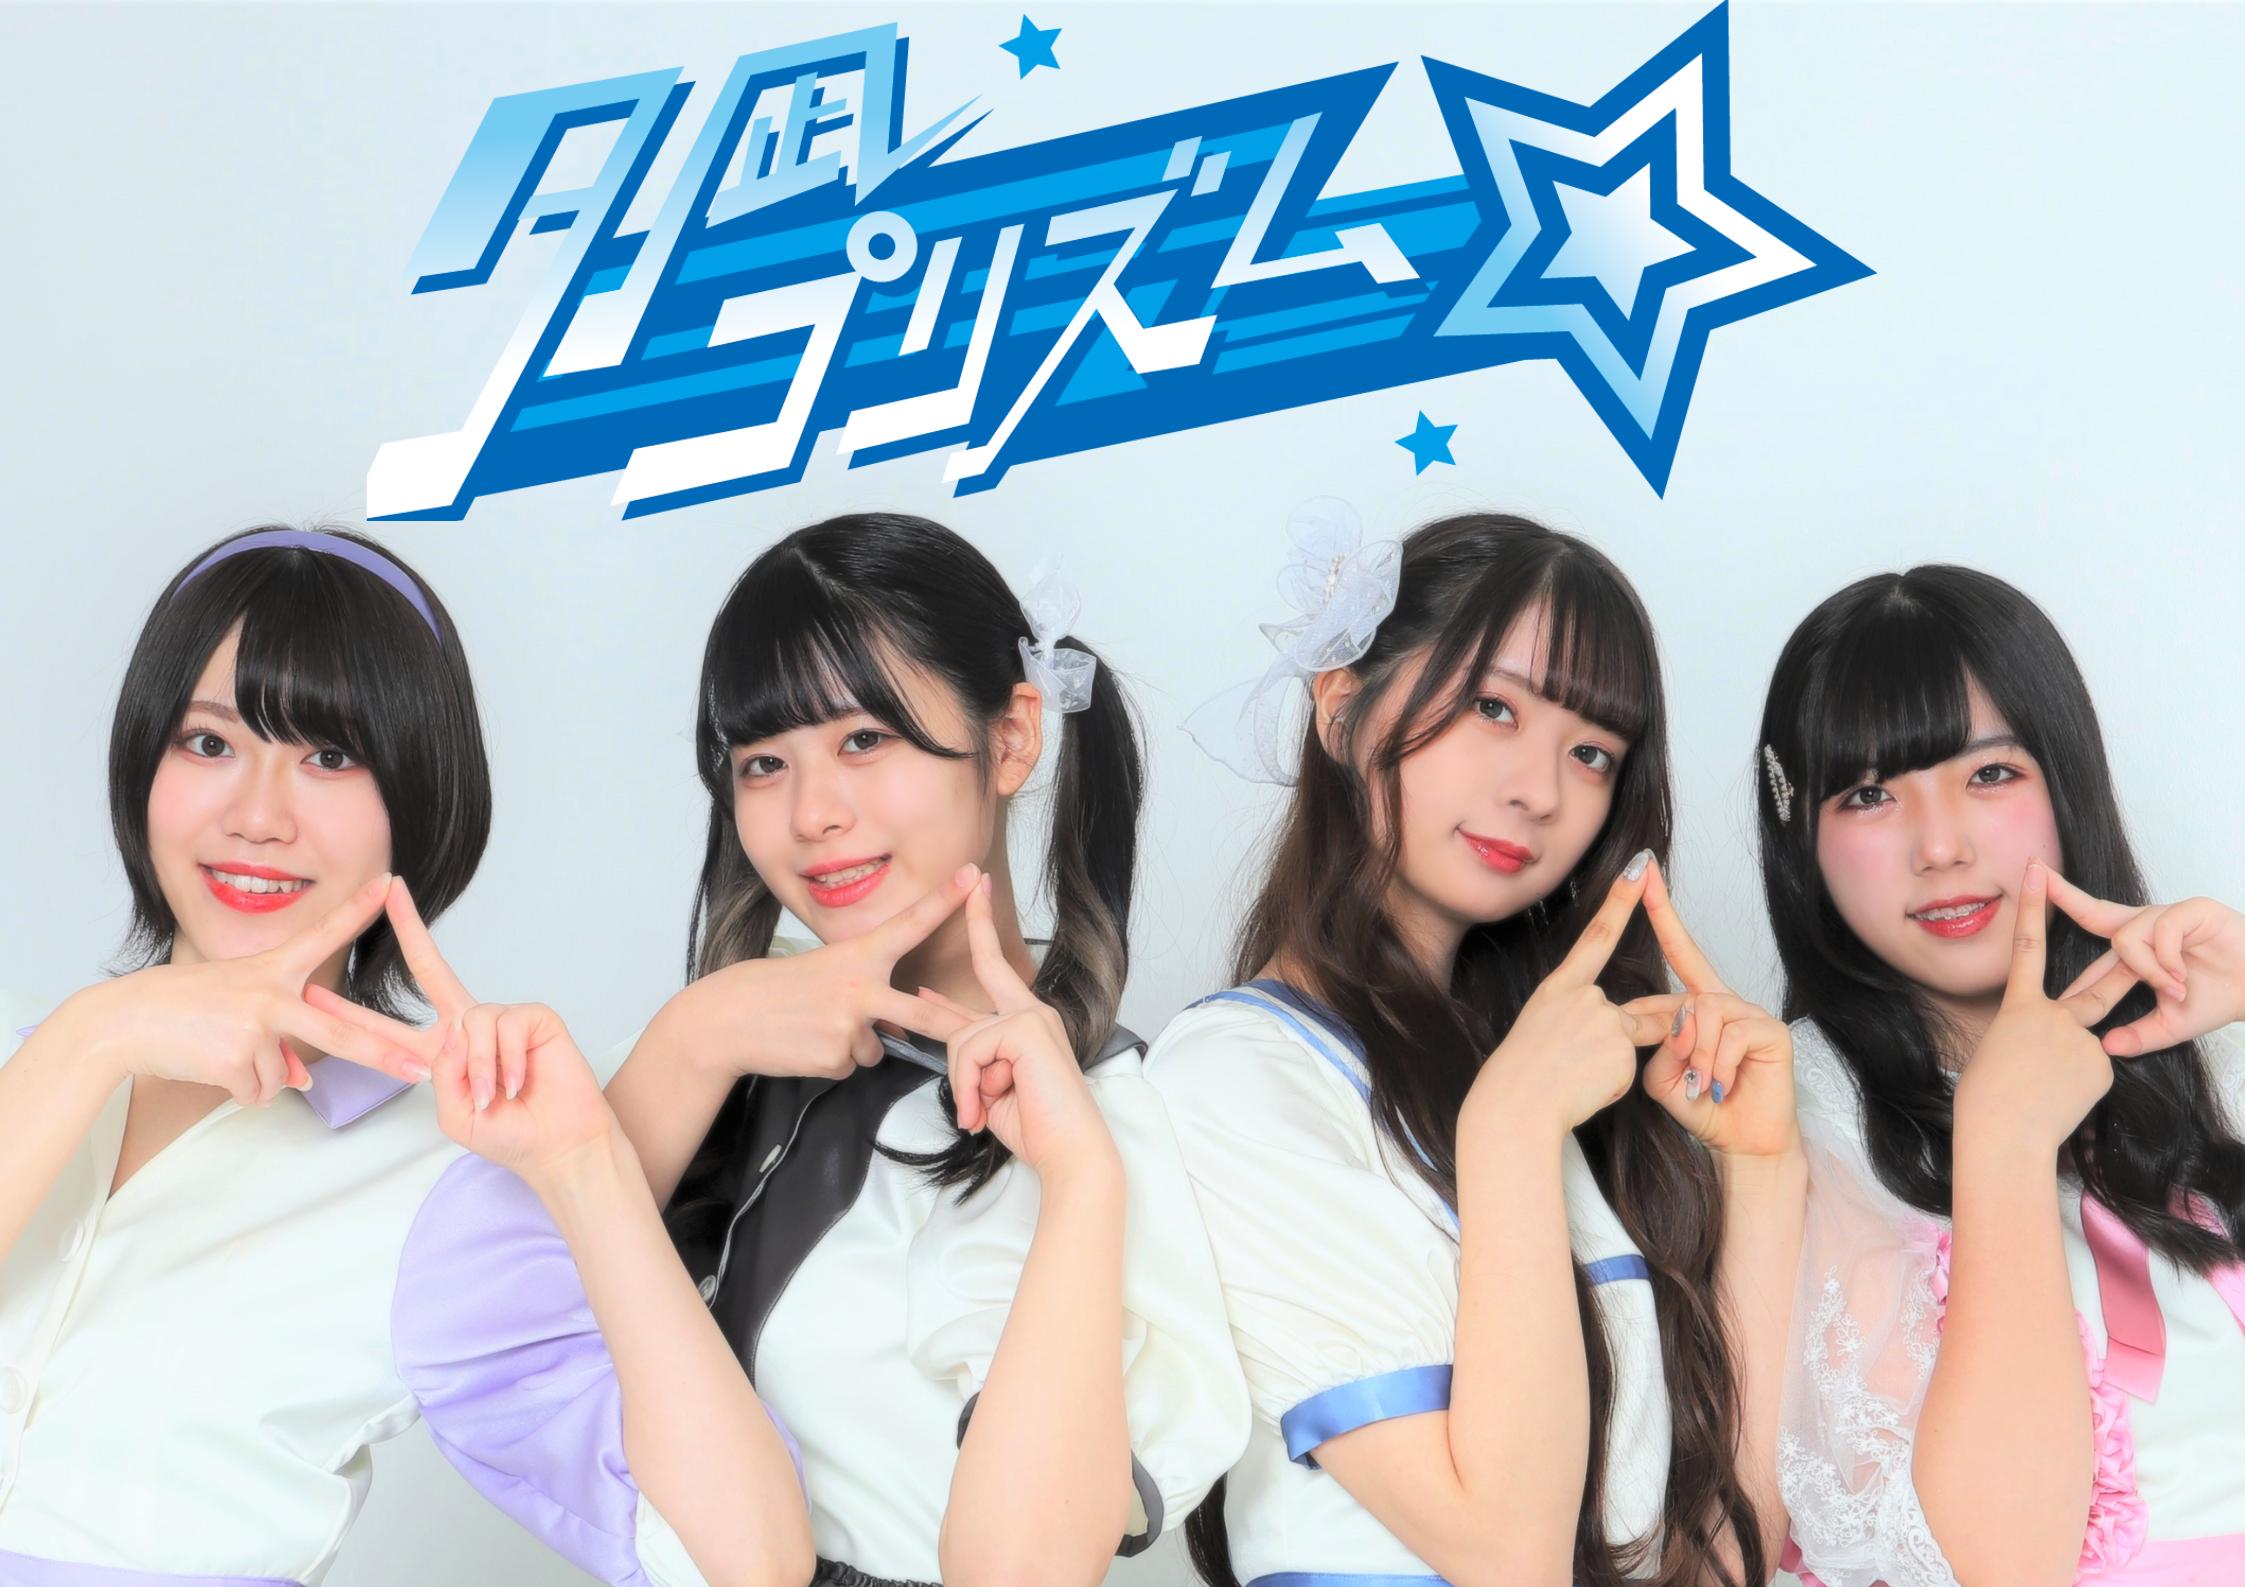 オーディション 「夕凪プリズム」追加メンバーオーディション ファンとメンバーが共に楽しいを創り上げるアイドル 主催:OLIVE PROMOTION、カテゴリ:アイドル(正統派)